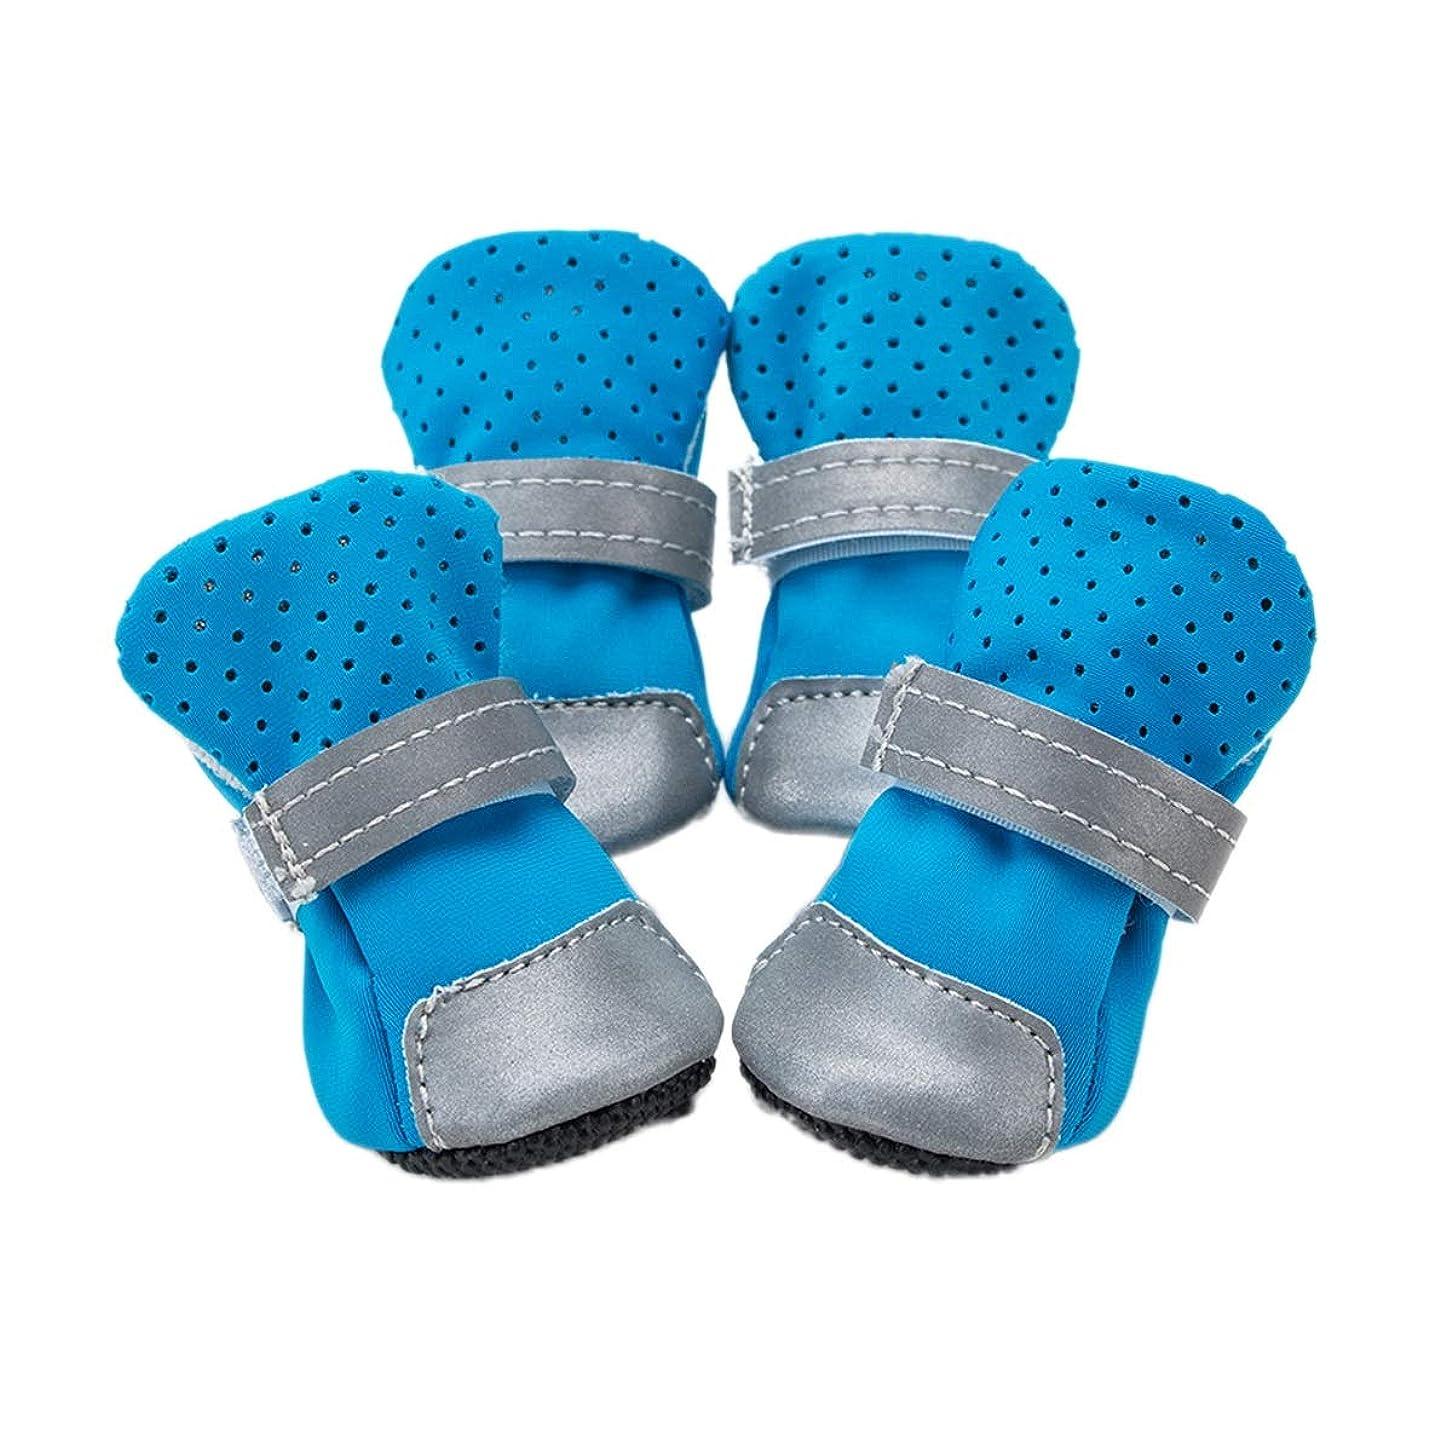 警戒フクロウ血まみれ犬のブーツペットのブーツ通気性滑り止め靴子犬春と夏のテディベア、4個セット、ブルー (Color : Blue, Size : M)